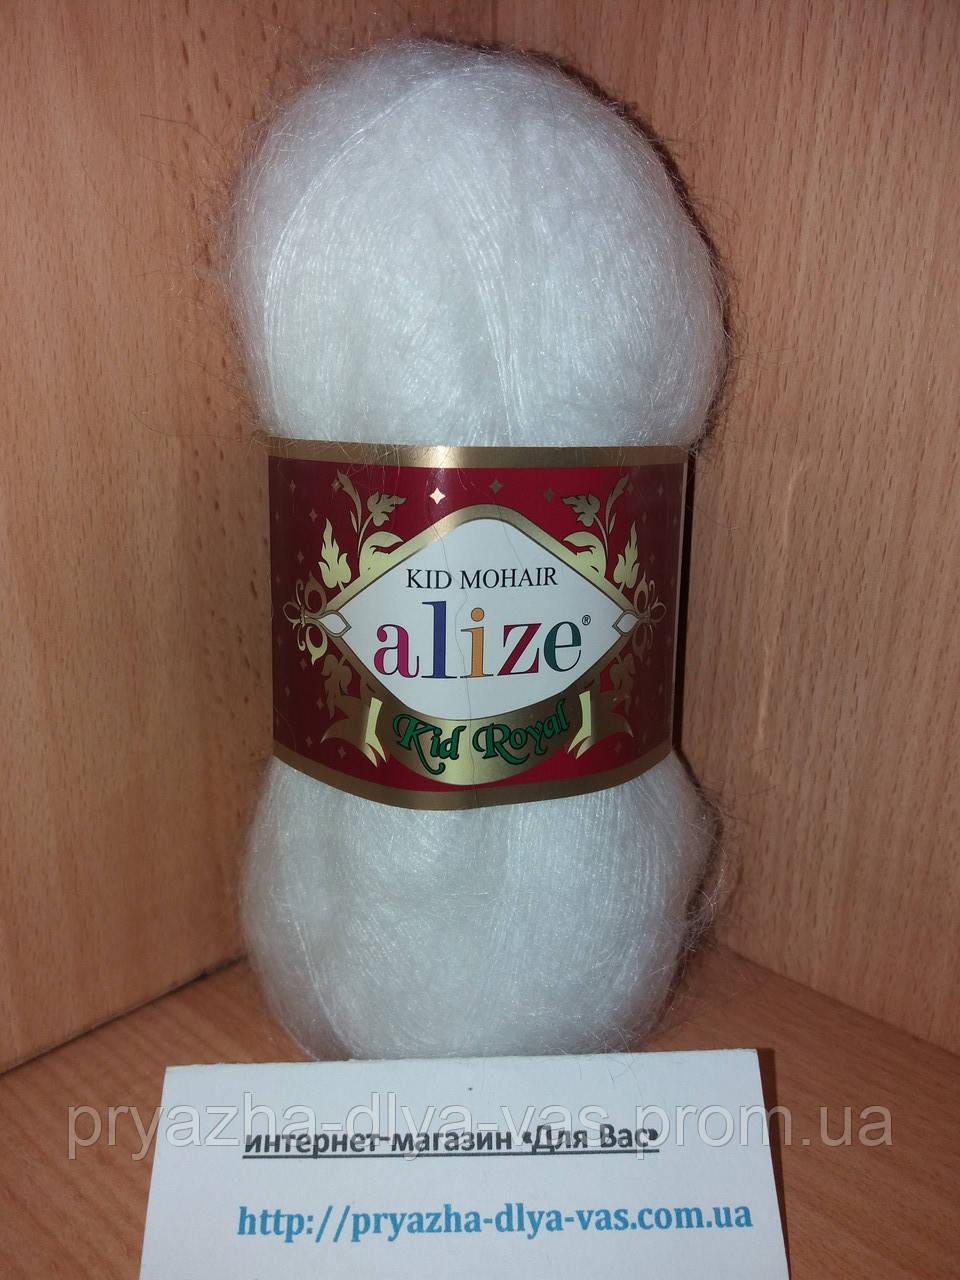 Мохеровая пряжа (62%- кид мохер, 38%- полиамид, 50 г/ 500 м) Alize Kid Royal 55